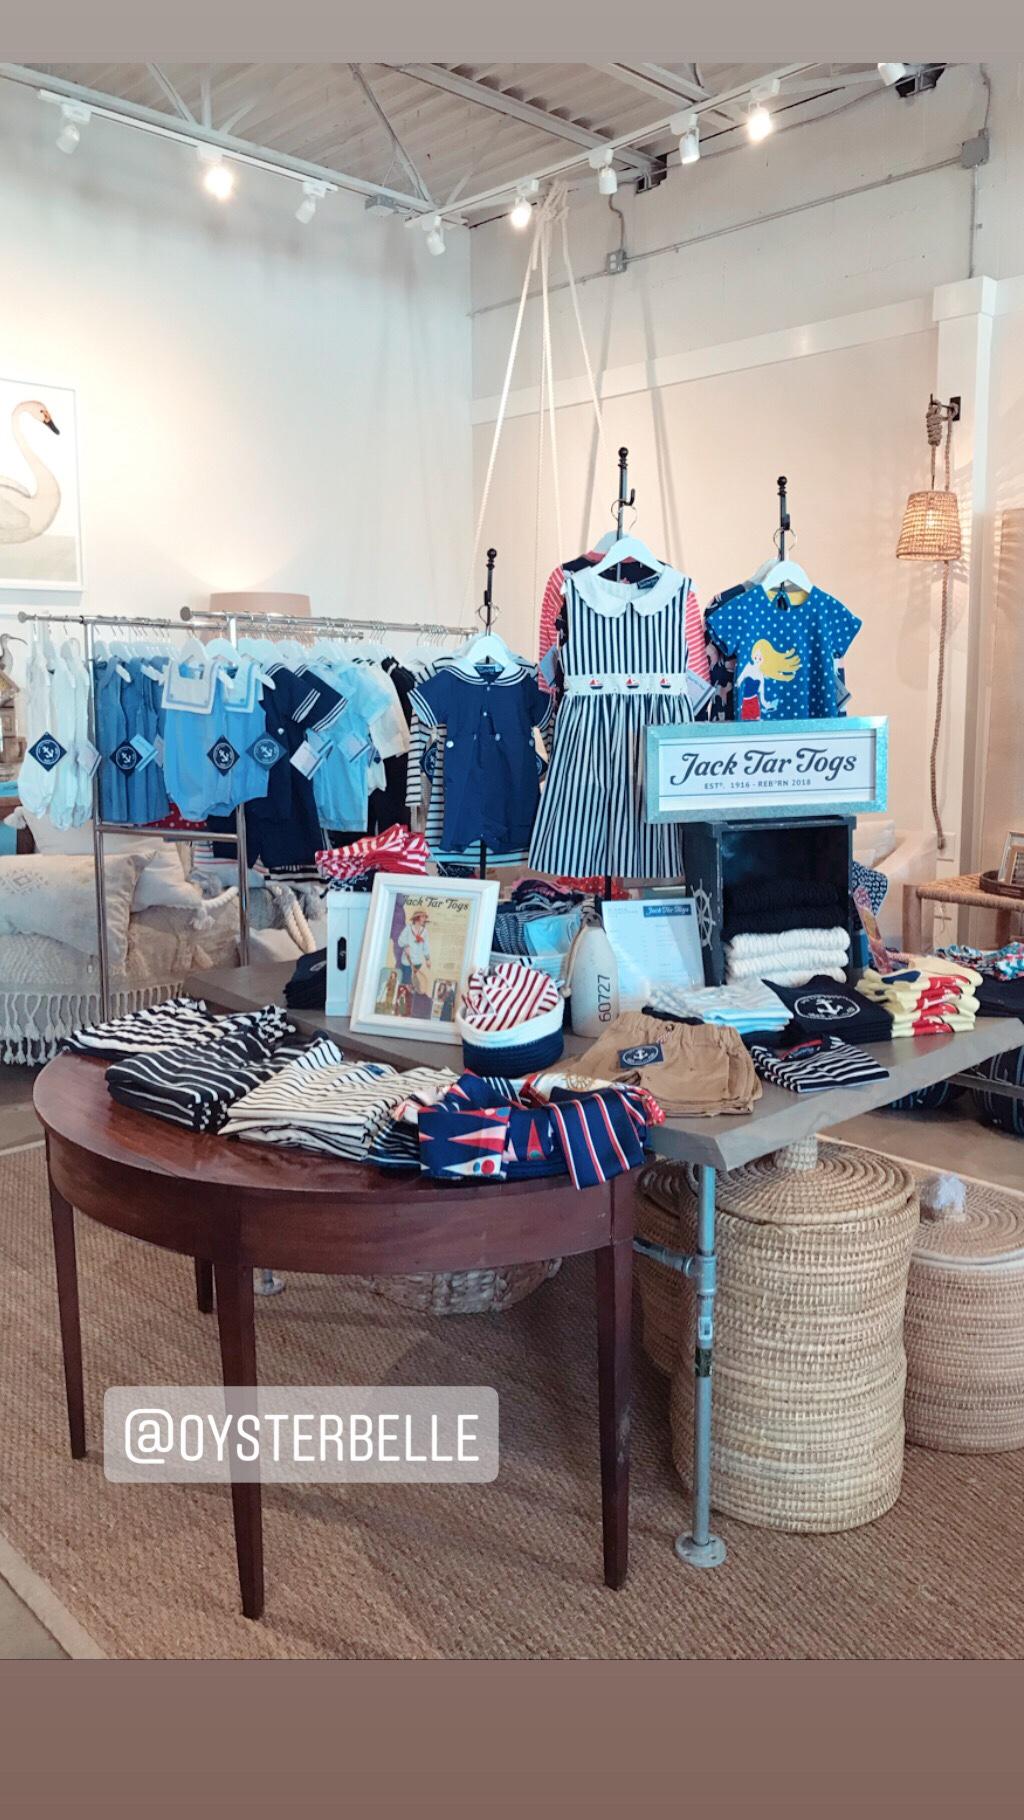 Florida Event Vendor Jack Tar Togs